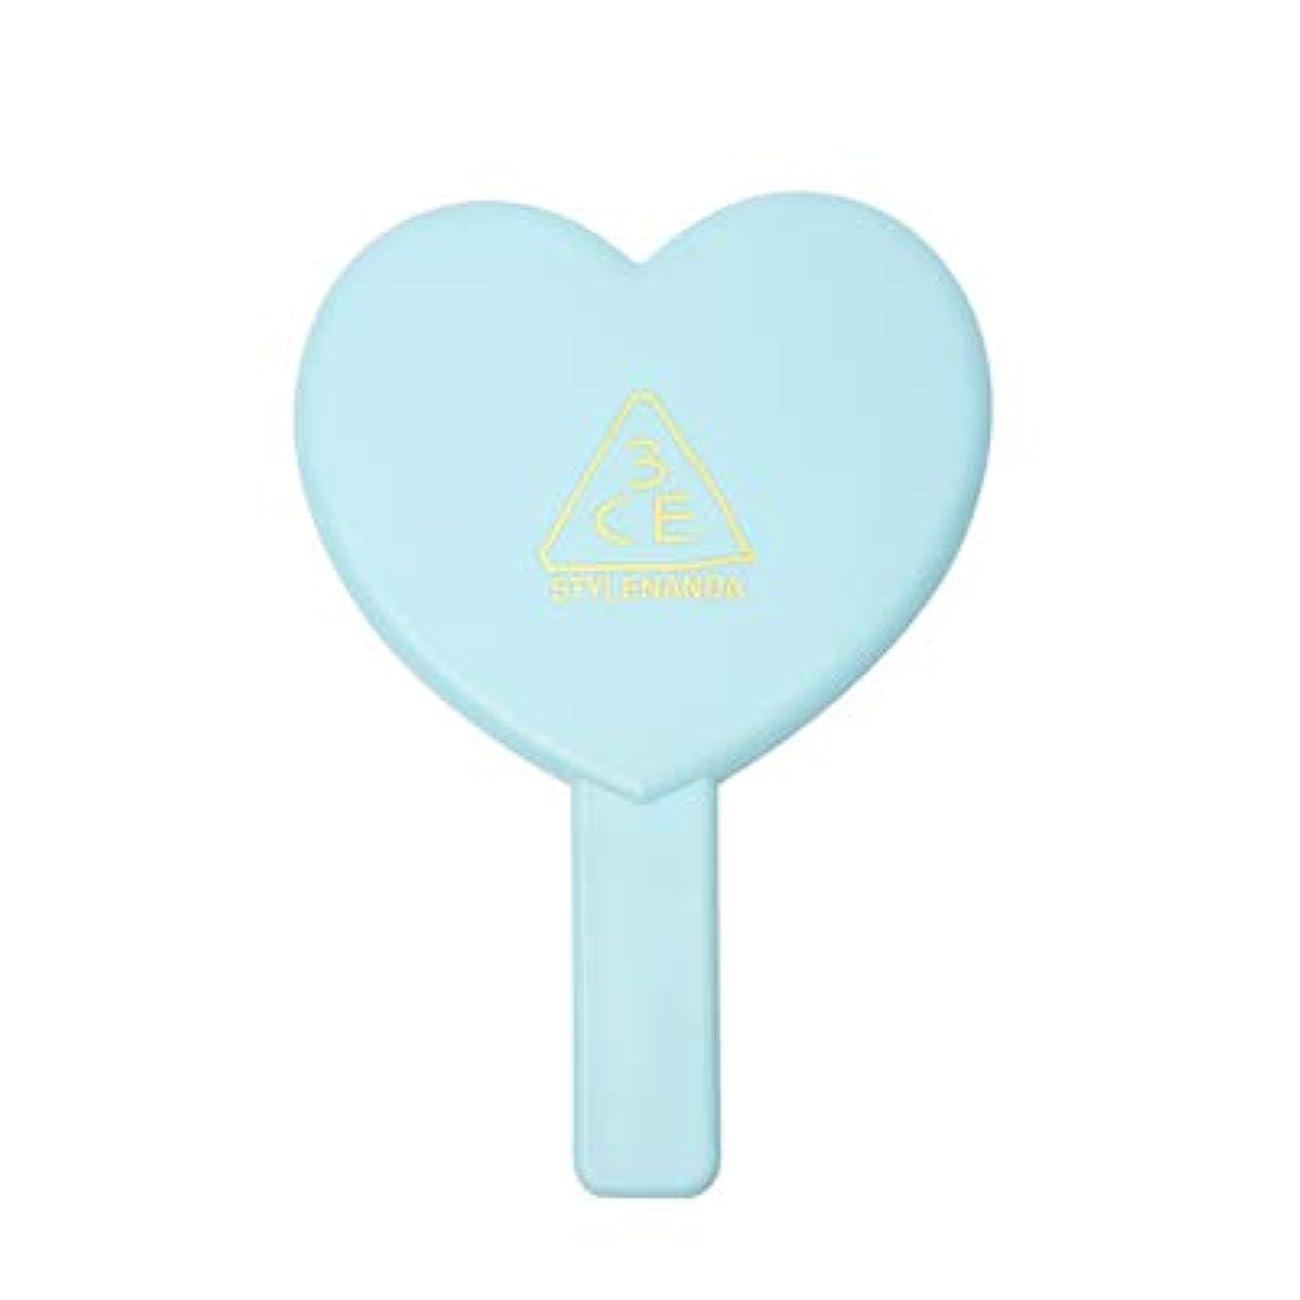 空厚いスケート3CE LOVE 3CE HEART HAND MIRROR (BLUE) / ラブ3CEハート?ハンド?ミラー (ブルー)[並行輸入品]